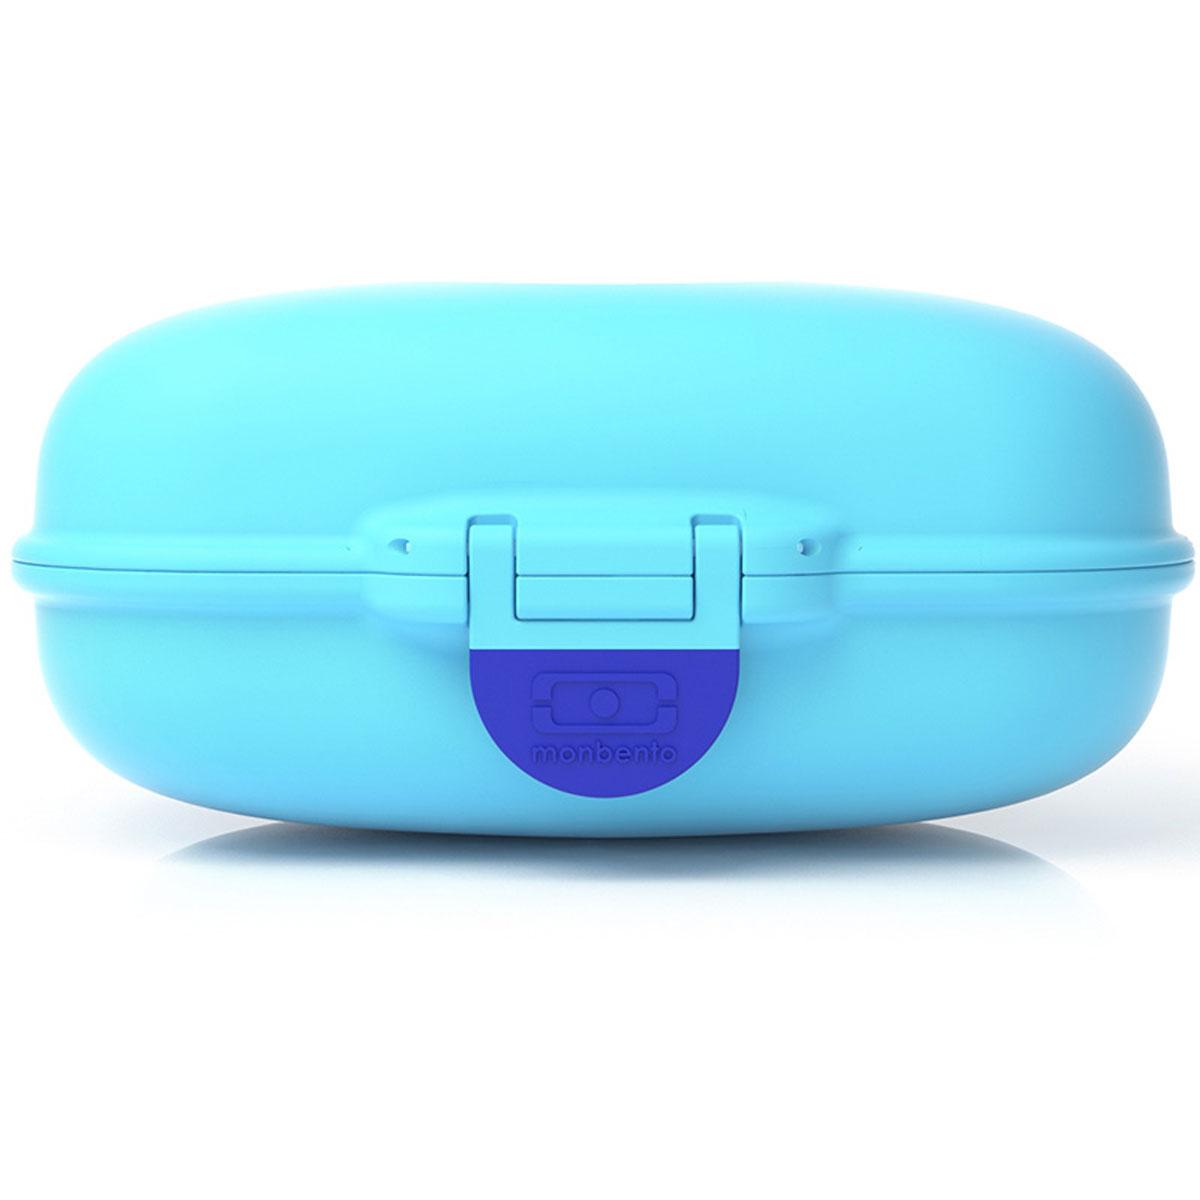 Ланчбокс Monbento Gram, цвет: ежевичный, 600 млVT-1520(SR)Ланчбокс Monbento Gram изготовлен из высококачественного пищевого пластика. Предназначен для хранения и переноски пищевых продуктов. Ланчбокс плотно закрывается на защелку. Компактные размеры позволят хранить его в любой сумке. Ланчбокс удобно взять с собой на работу, отдых, в поездку. Теперь любимая домашняя еда всегда будет под рукой, а яркий дизайн поднимет настроение и подарит заряд позитива. Можно использовать в микроволновой печи и для хранения пищи в холодильнике, можно мыть в посудомоечной машине.Объем: 600 мл. Размер ланчбокса: 15 см х 10 см х 7 см.